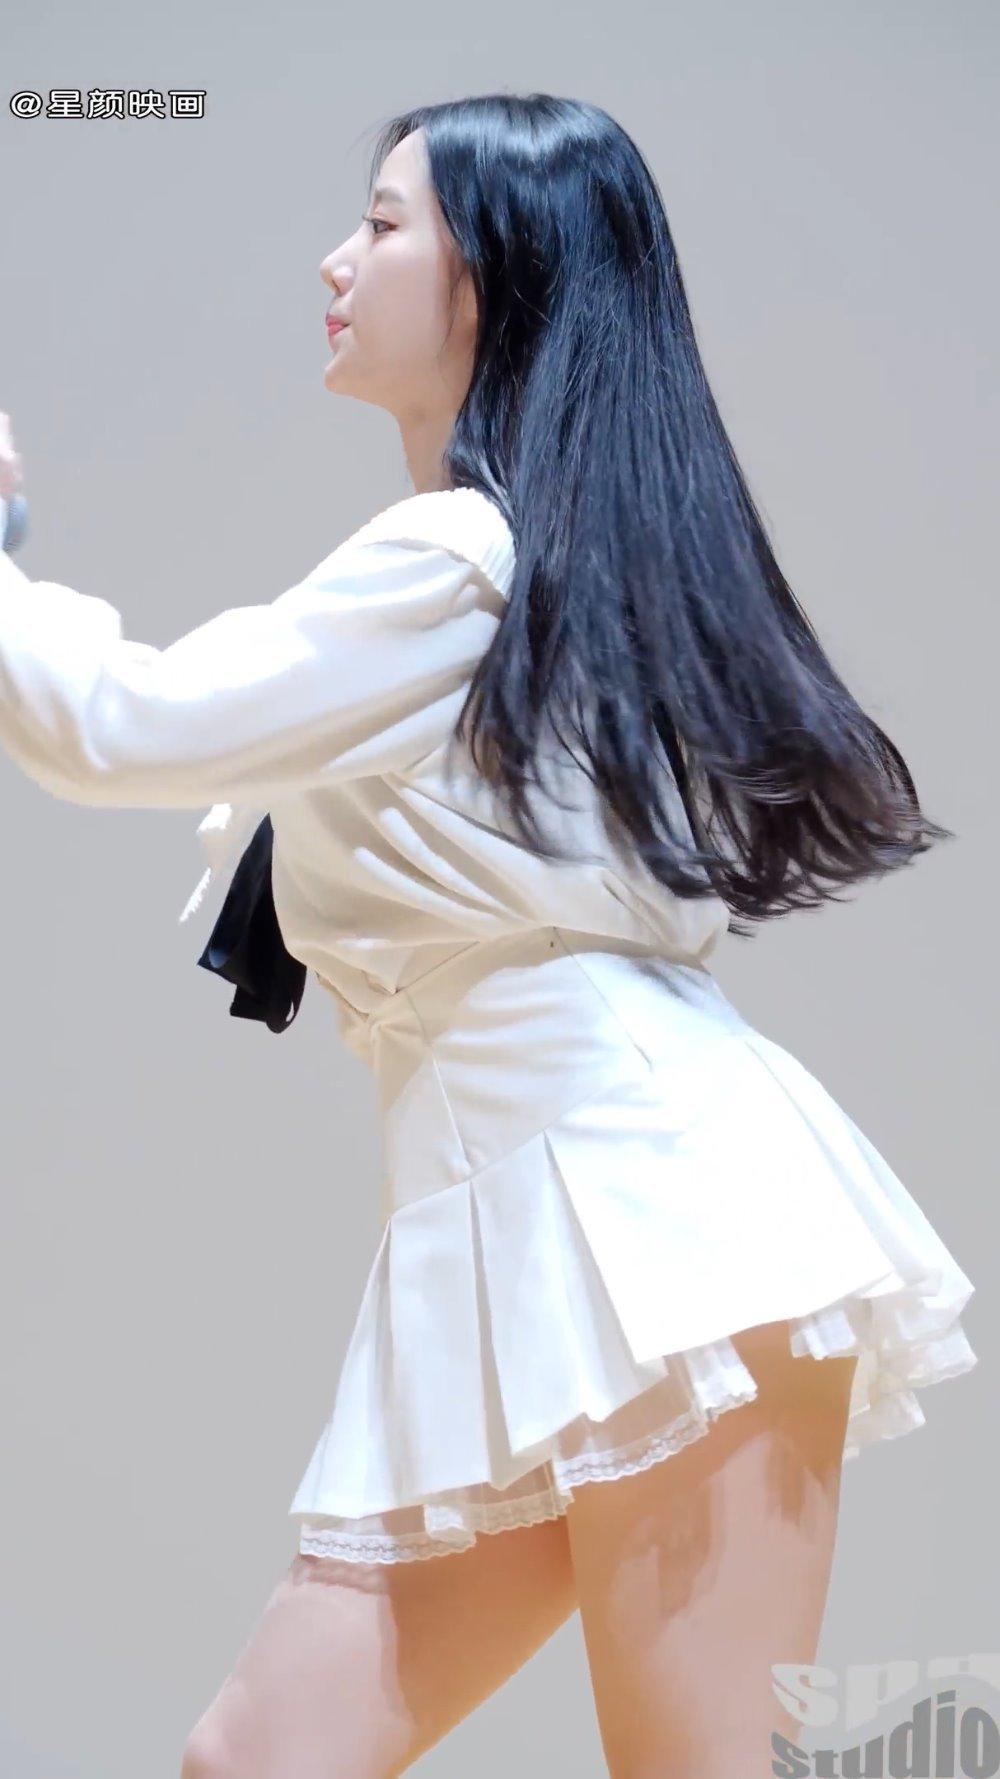 韩国女团BerryGood妹子赵贤白色超短裙演出,已经陷进她的美了